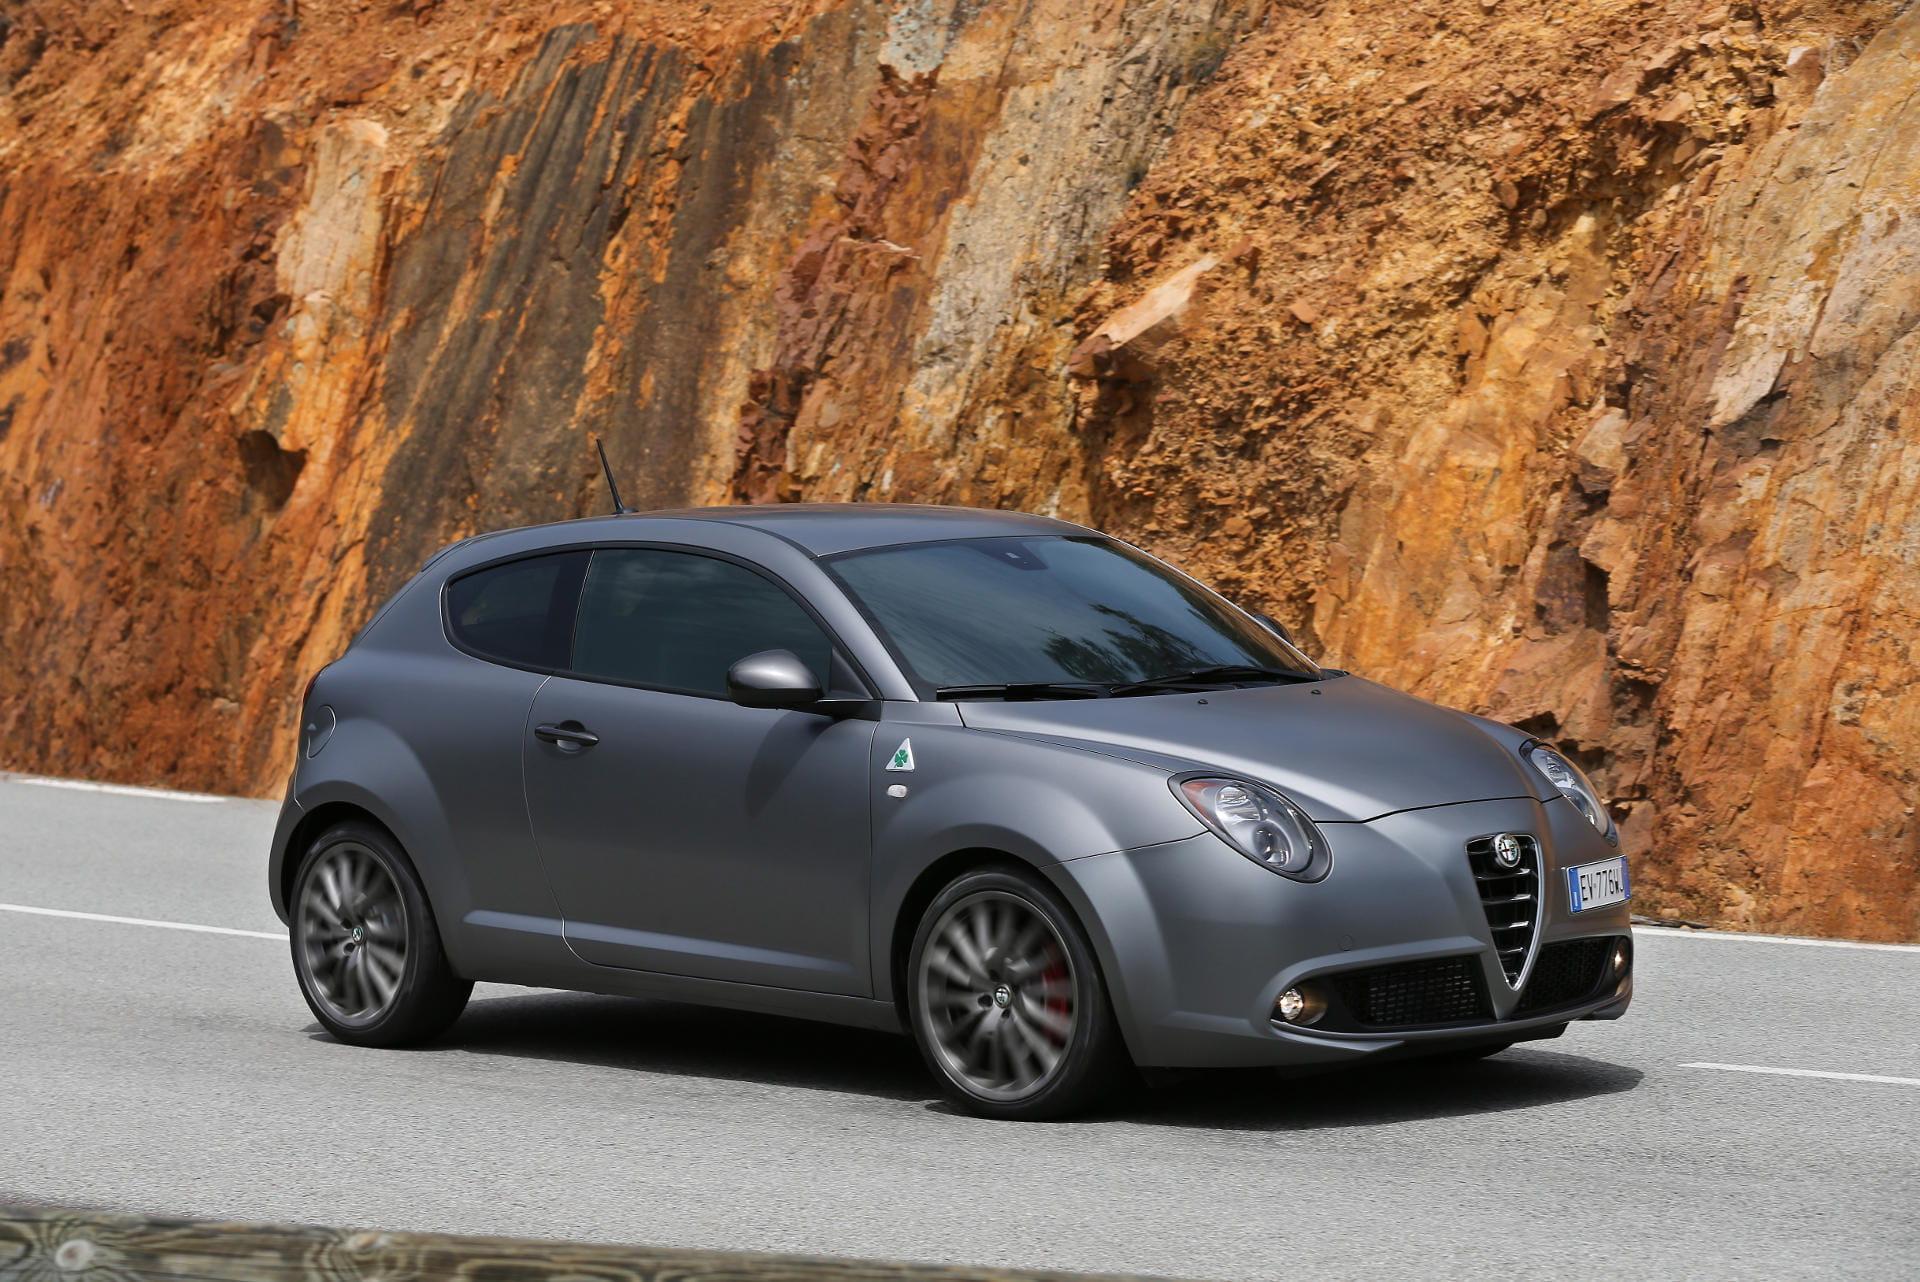 Alfa romeo giulietta veloce 2017 precio 10